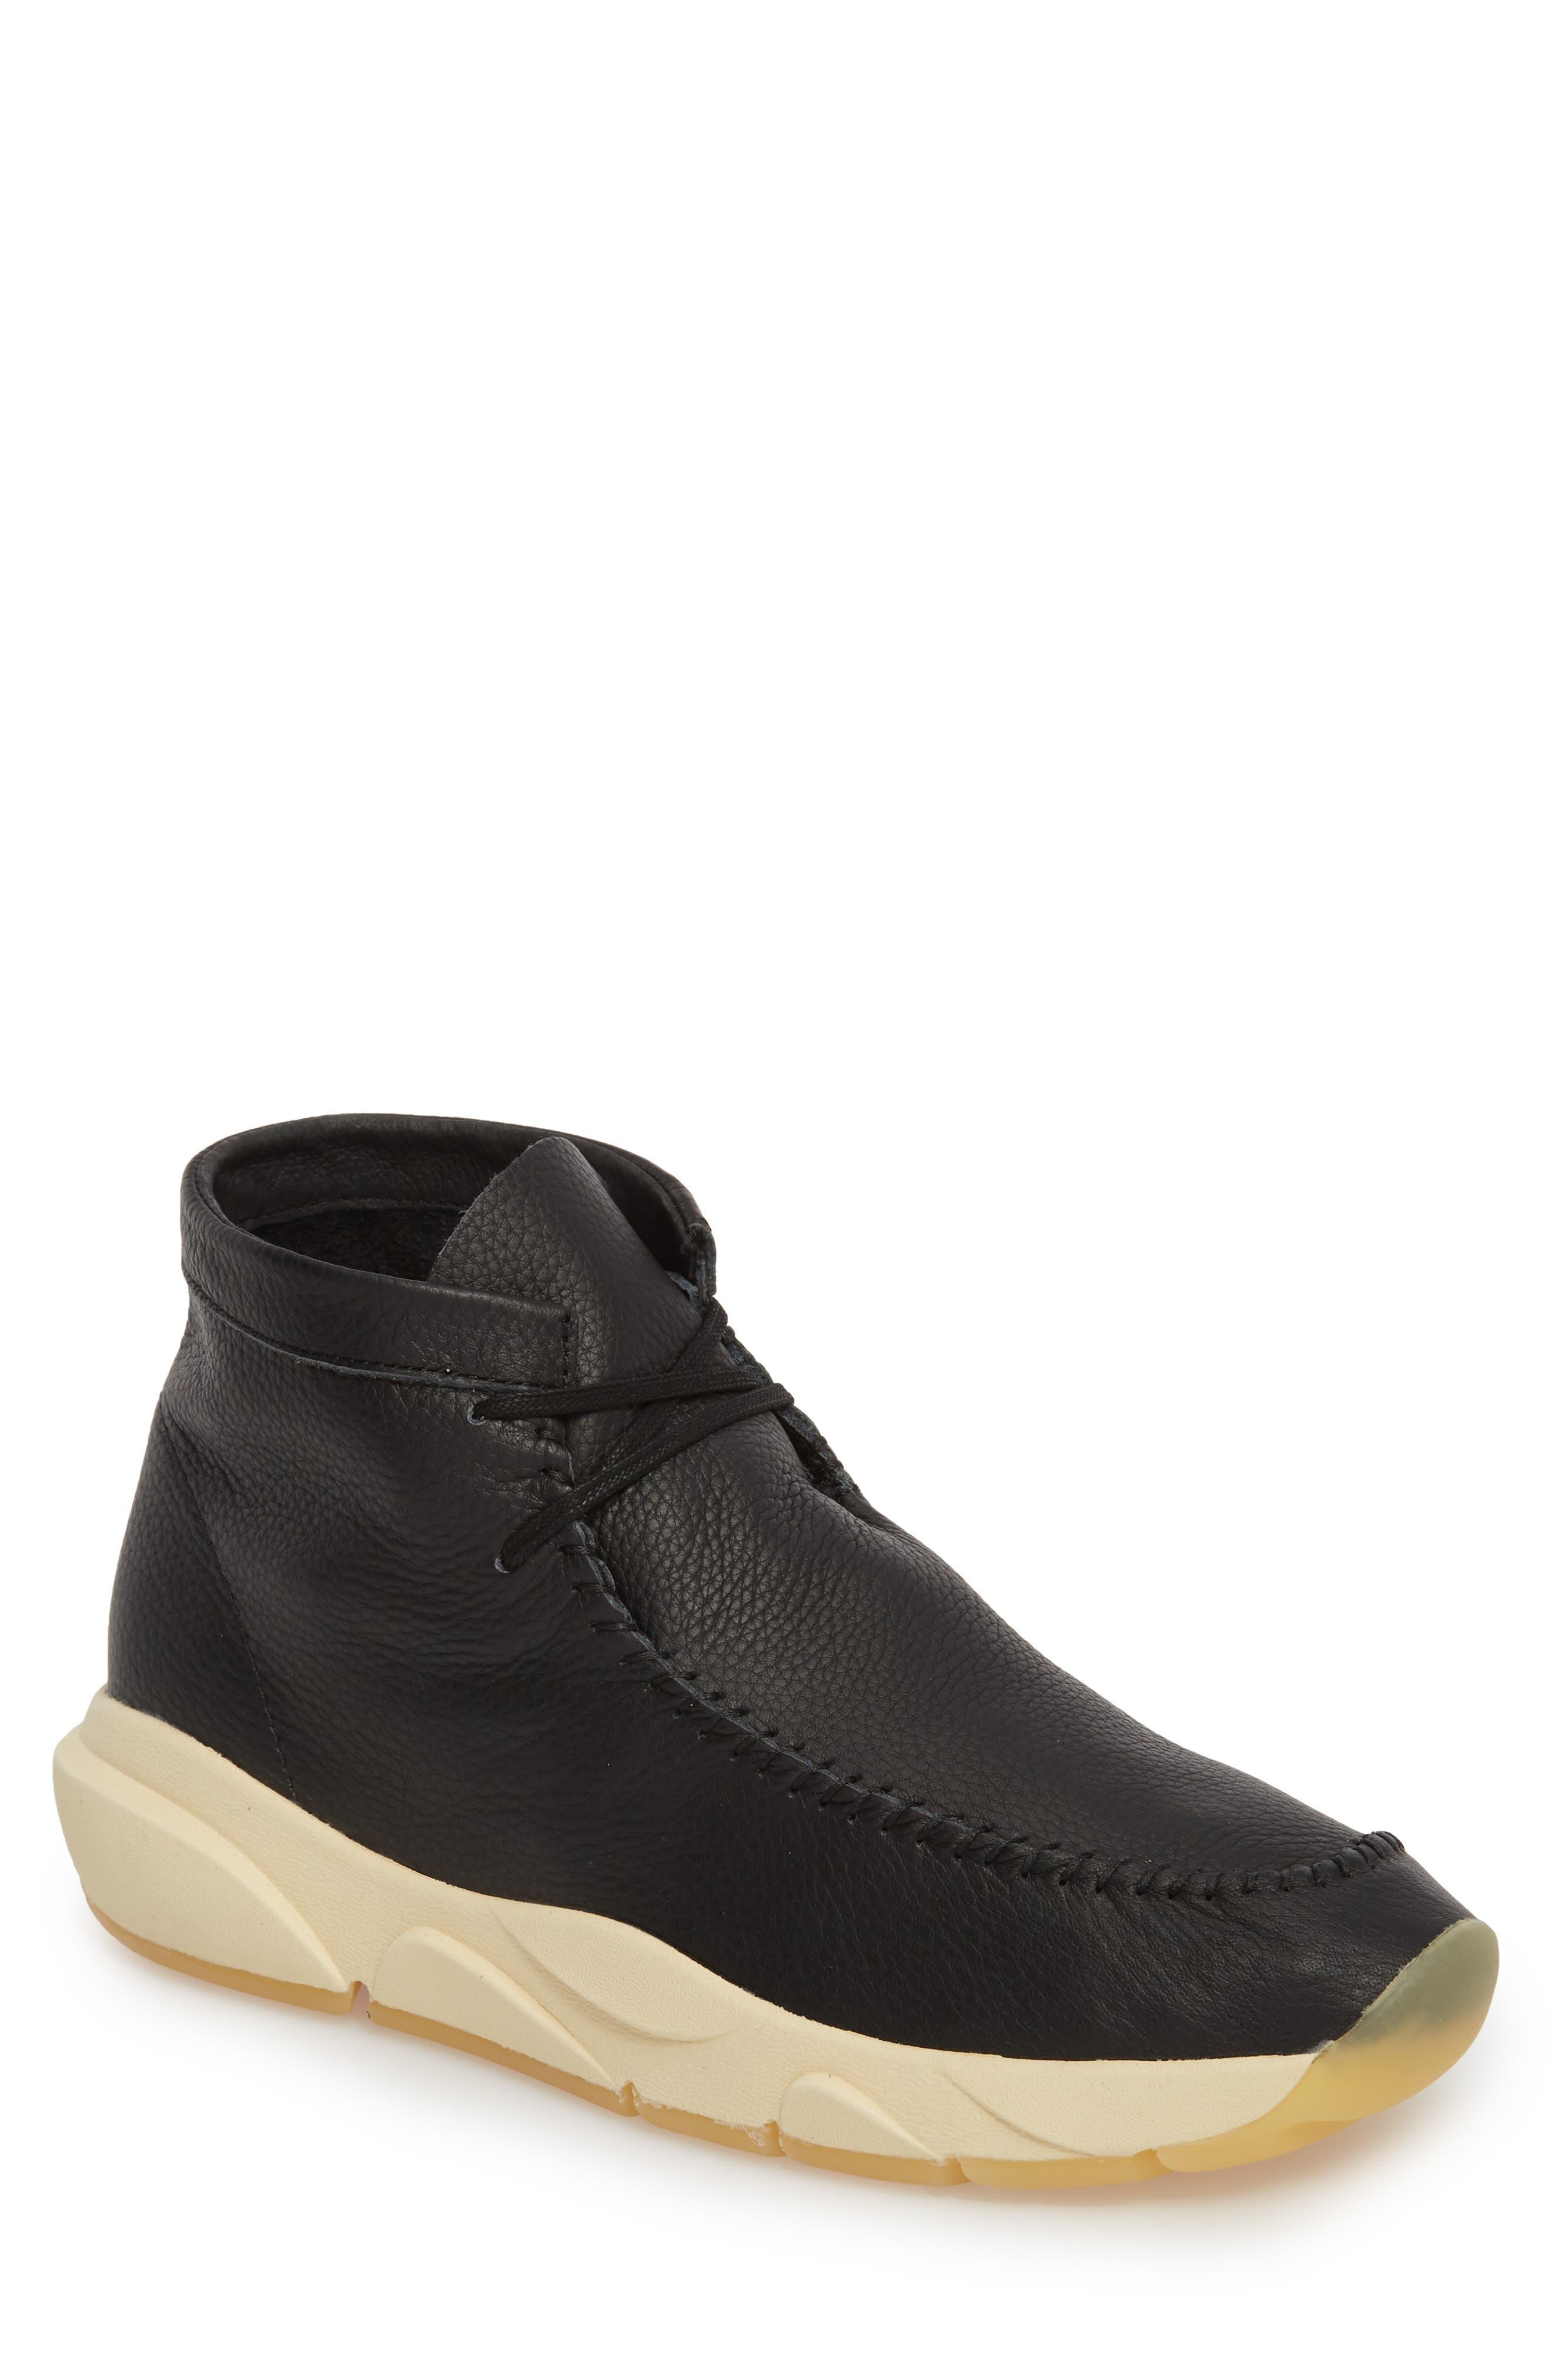 Castas Asymmetrical Chukka Sneaker,                             Main thumbnail 1, color,                             001